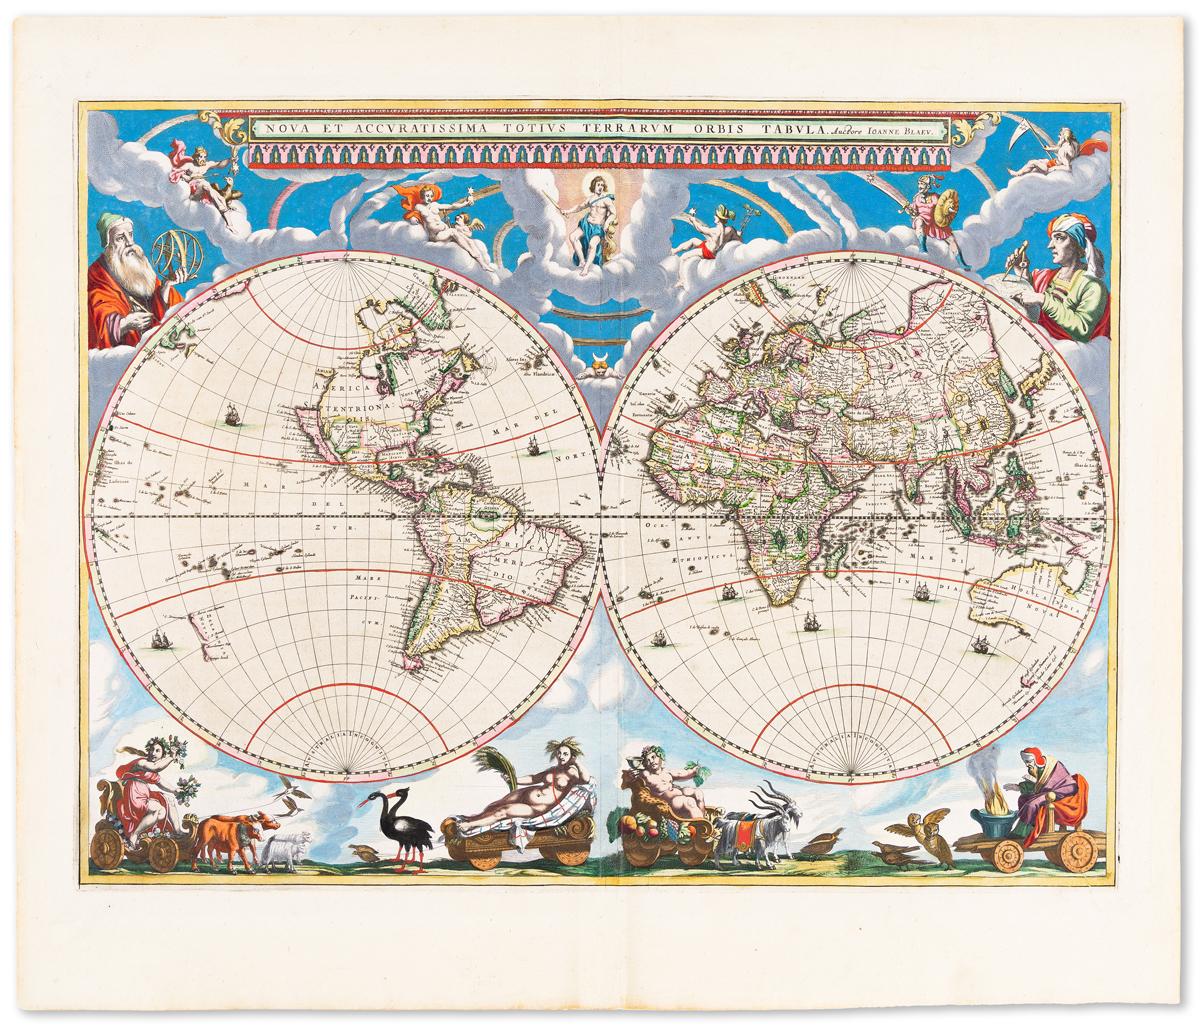 BLAEU, JOHANNES. Nova et Accuratissima Totius Terrarum Orbis Tabula.